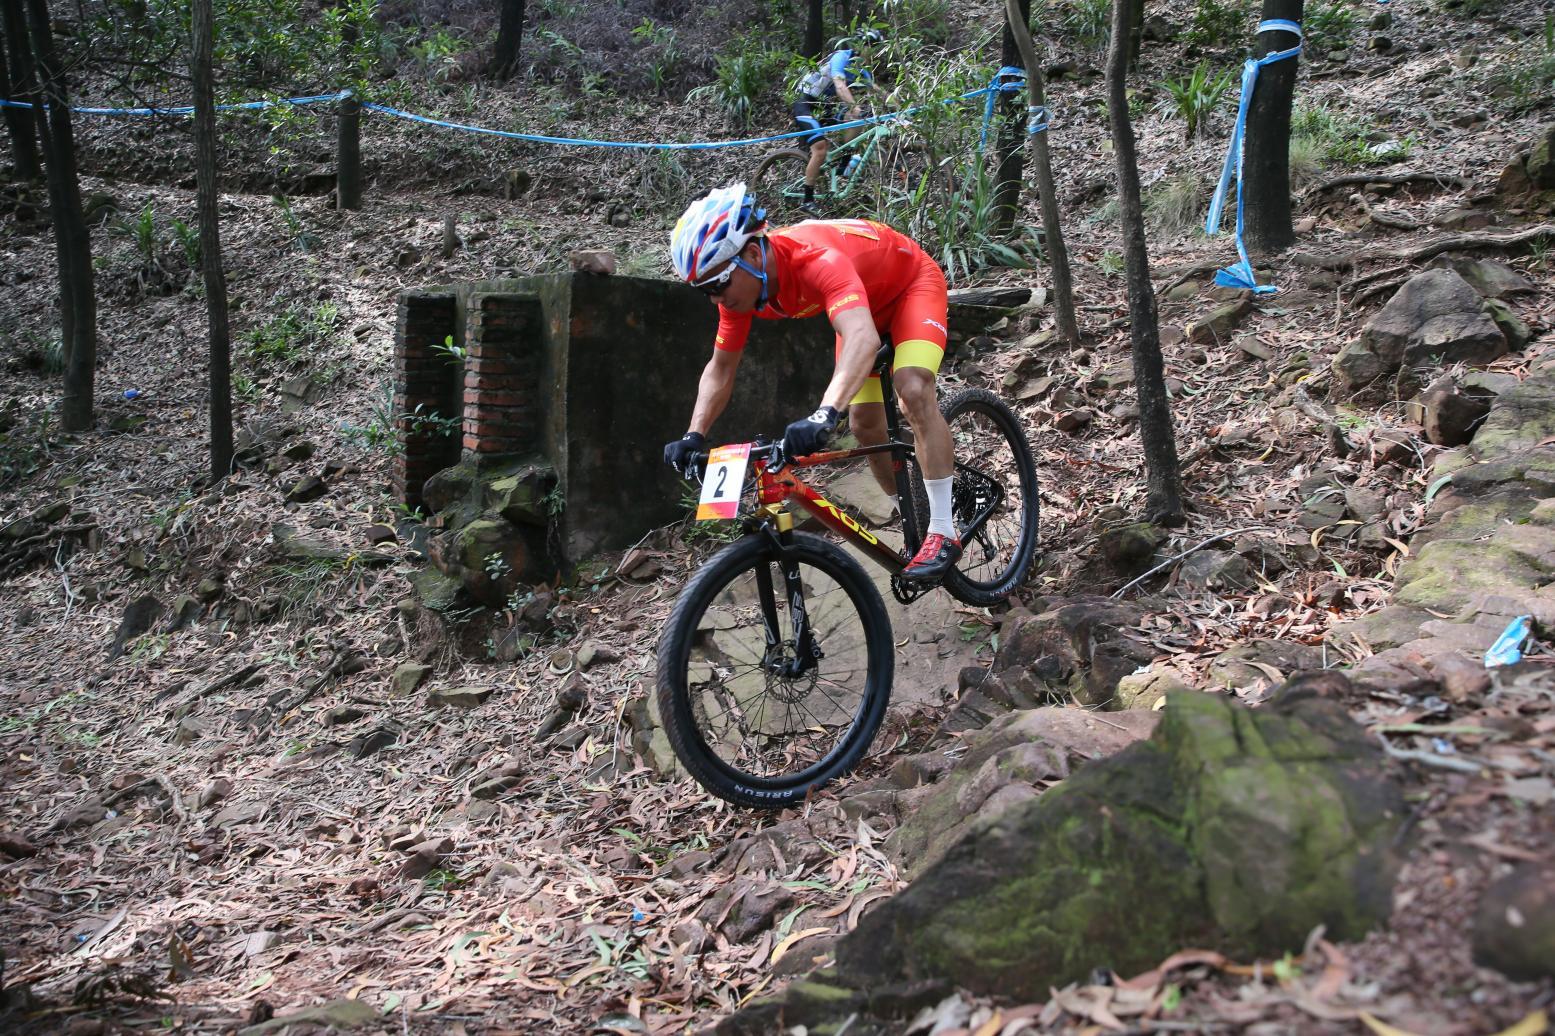 光明运动员夺市运会自行车比赛男子青年组冠军